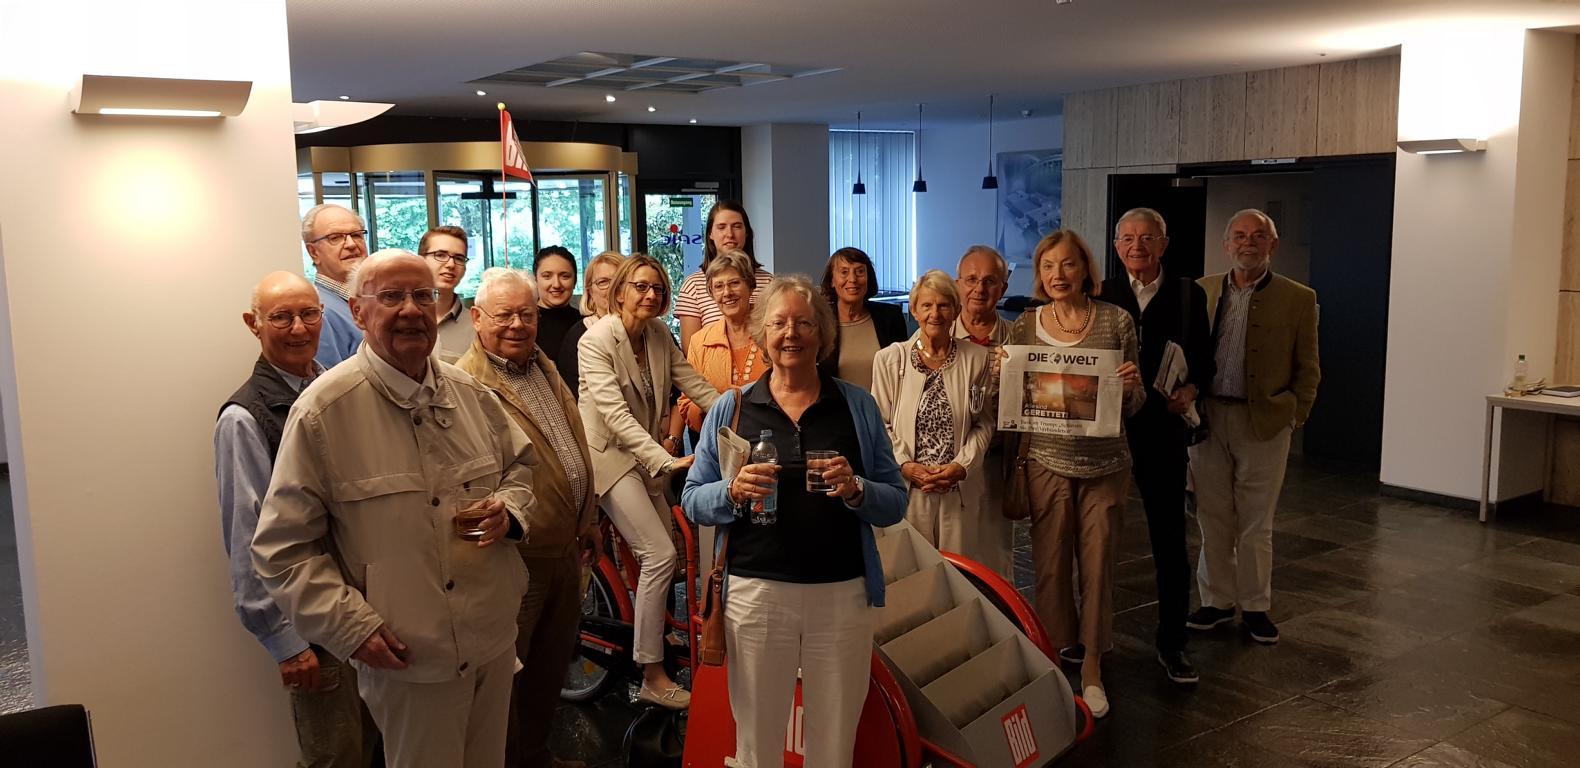 Besuchergruppe bei Springer